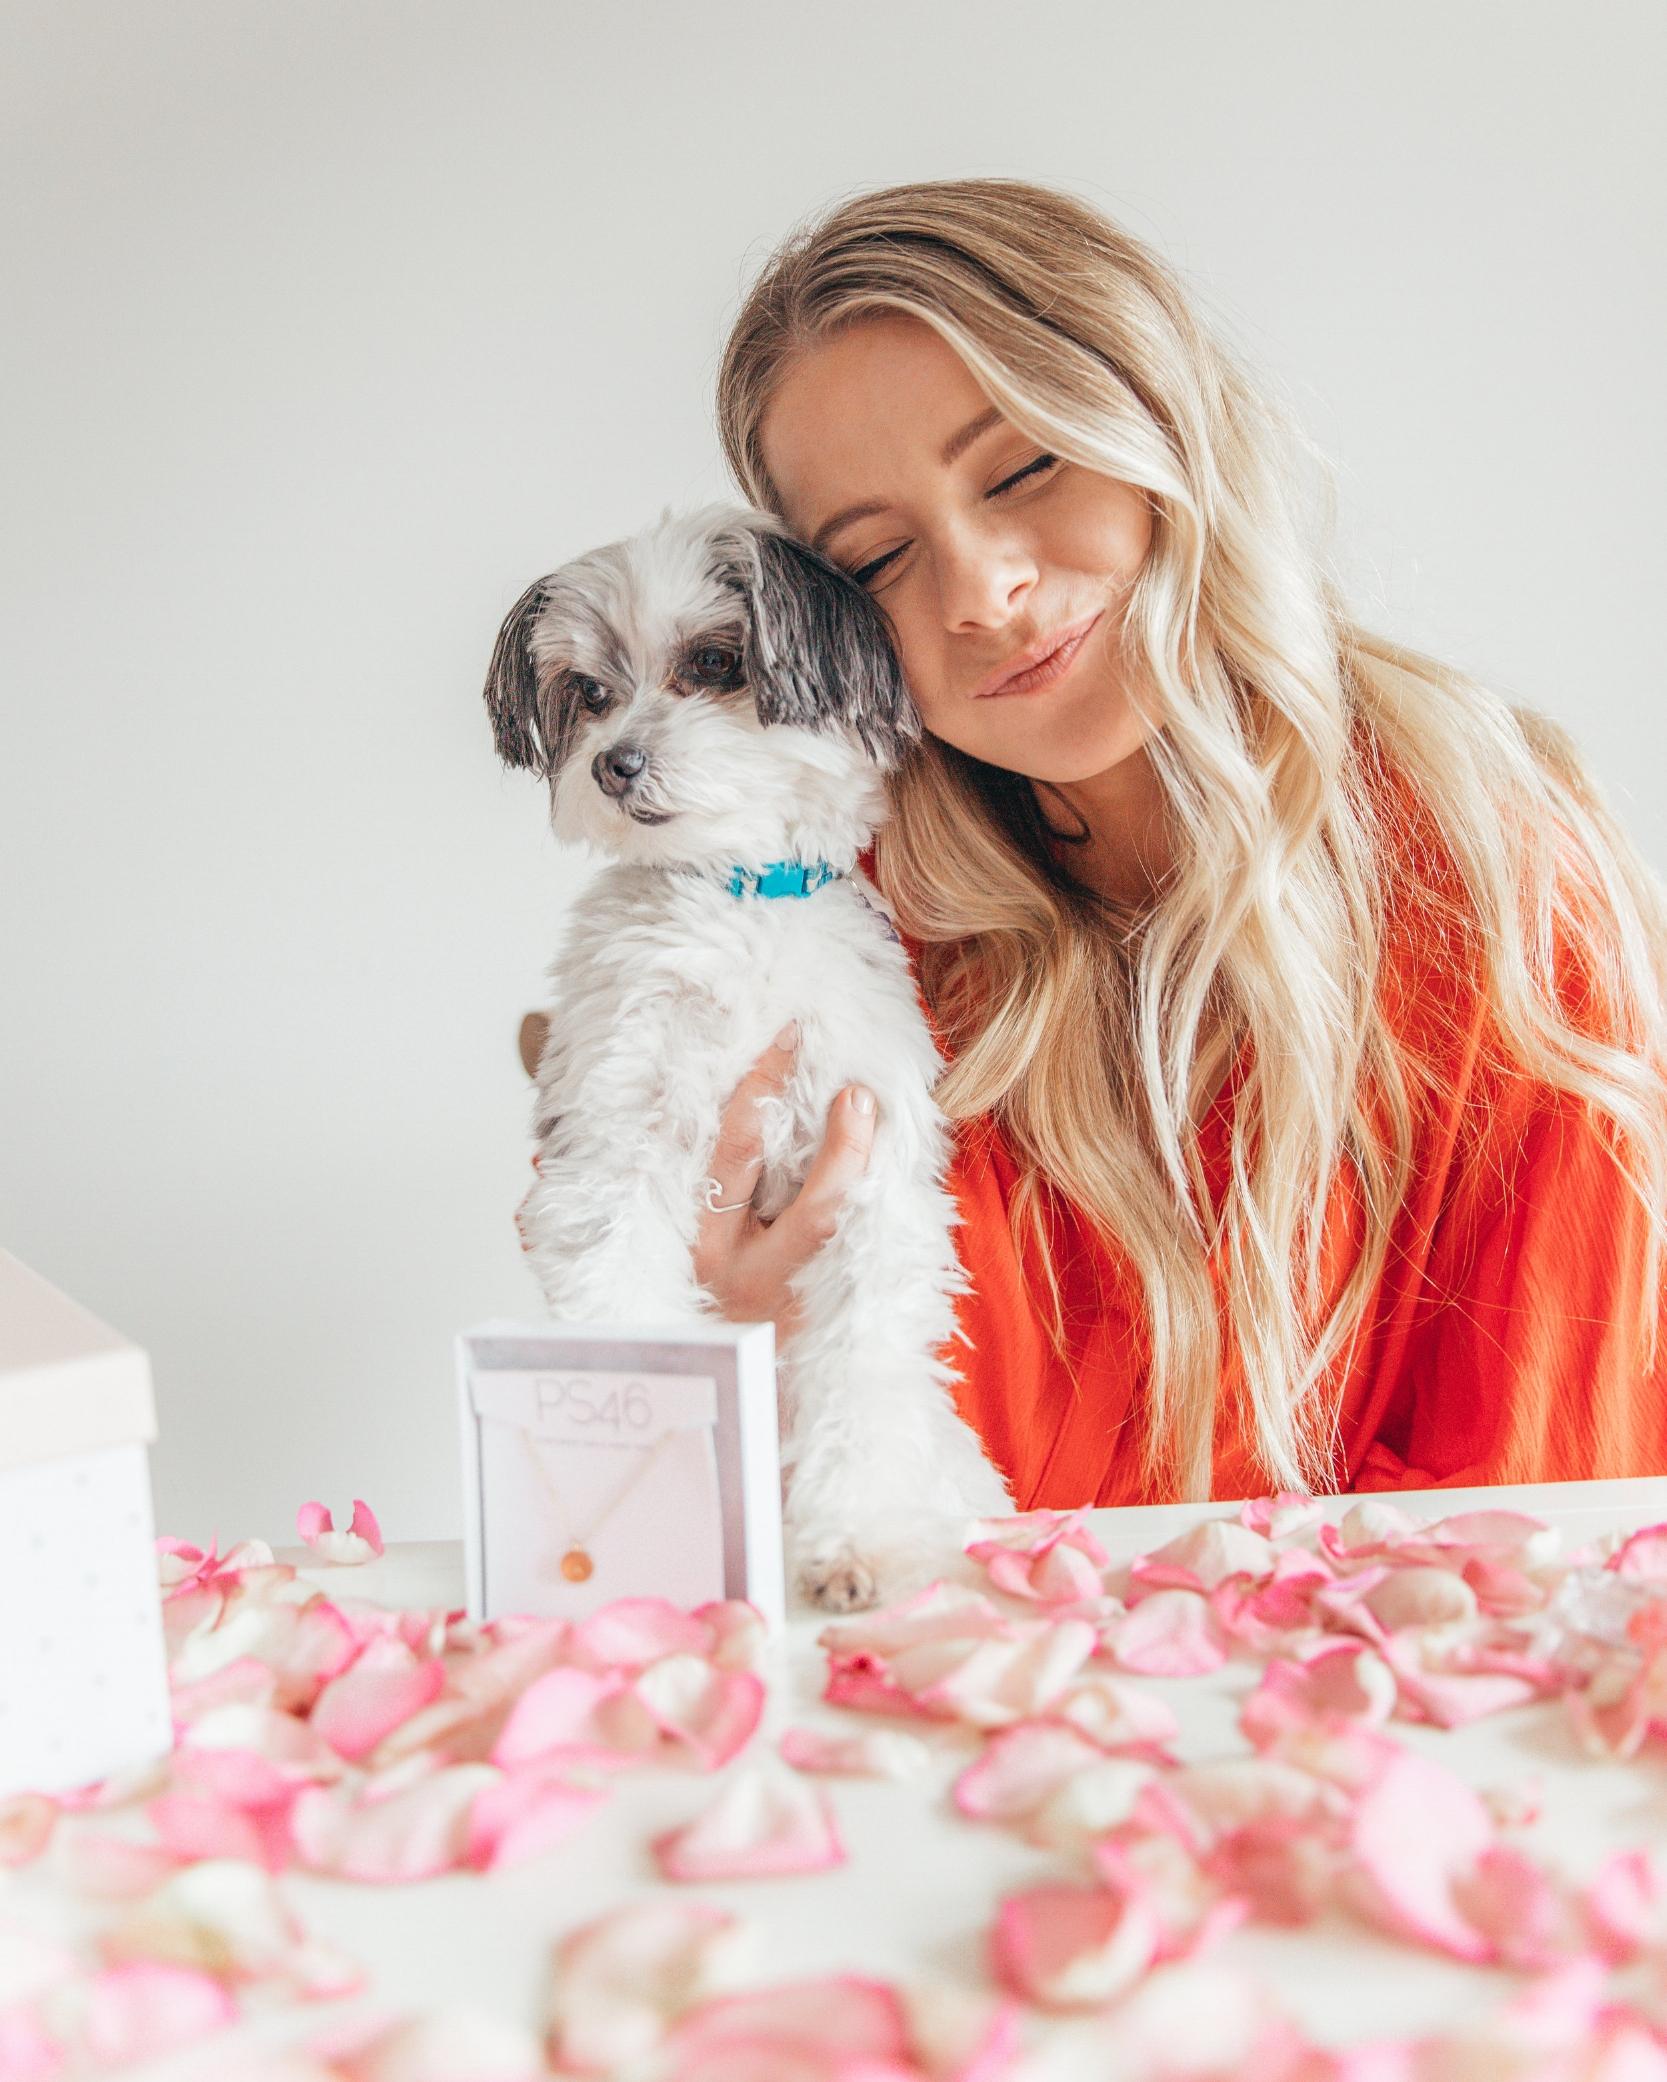 bridesmaid gifts-37.jpg